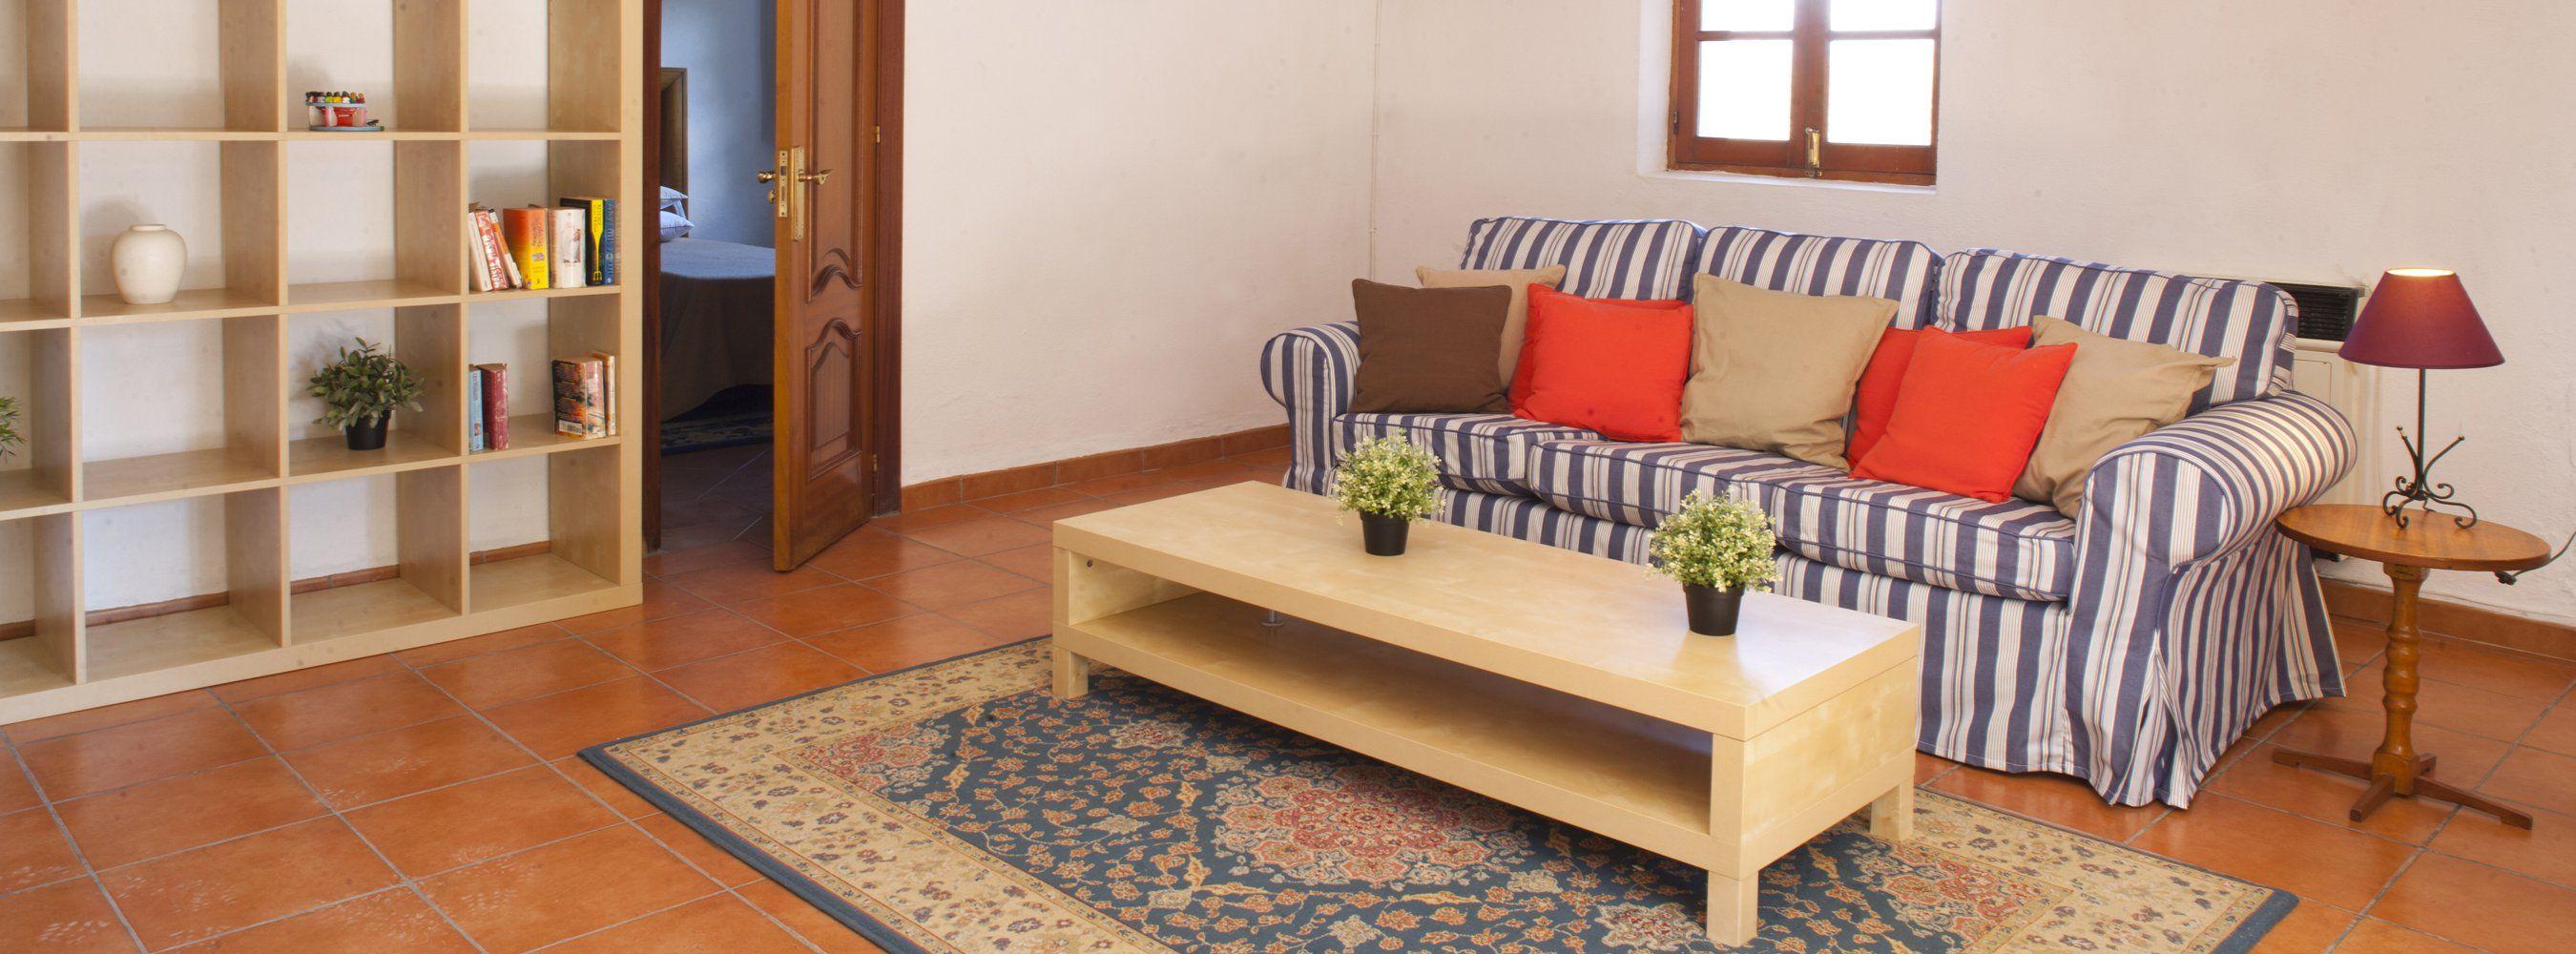 sofa  downstairs villa ronda